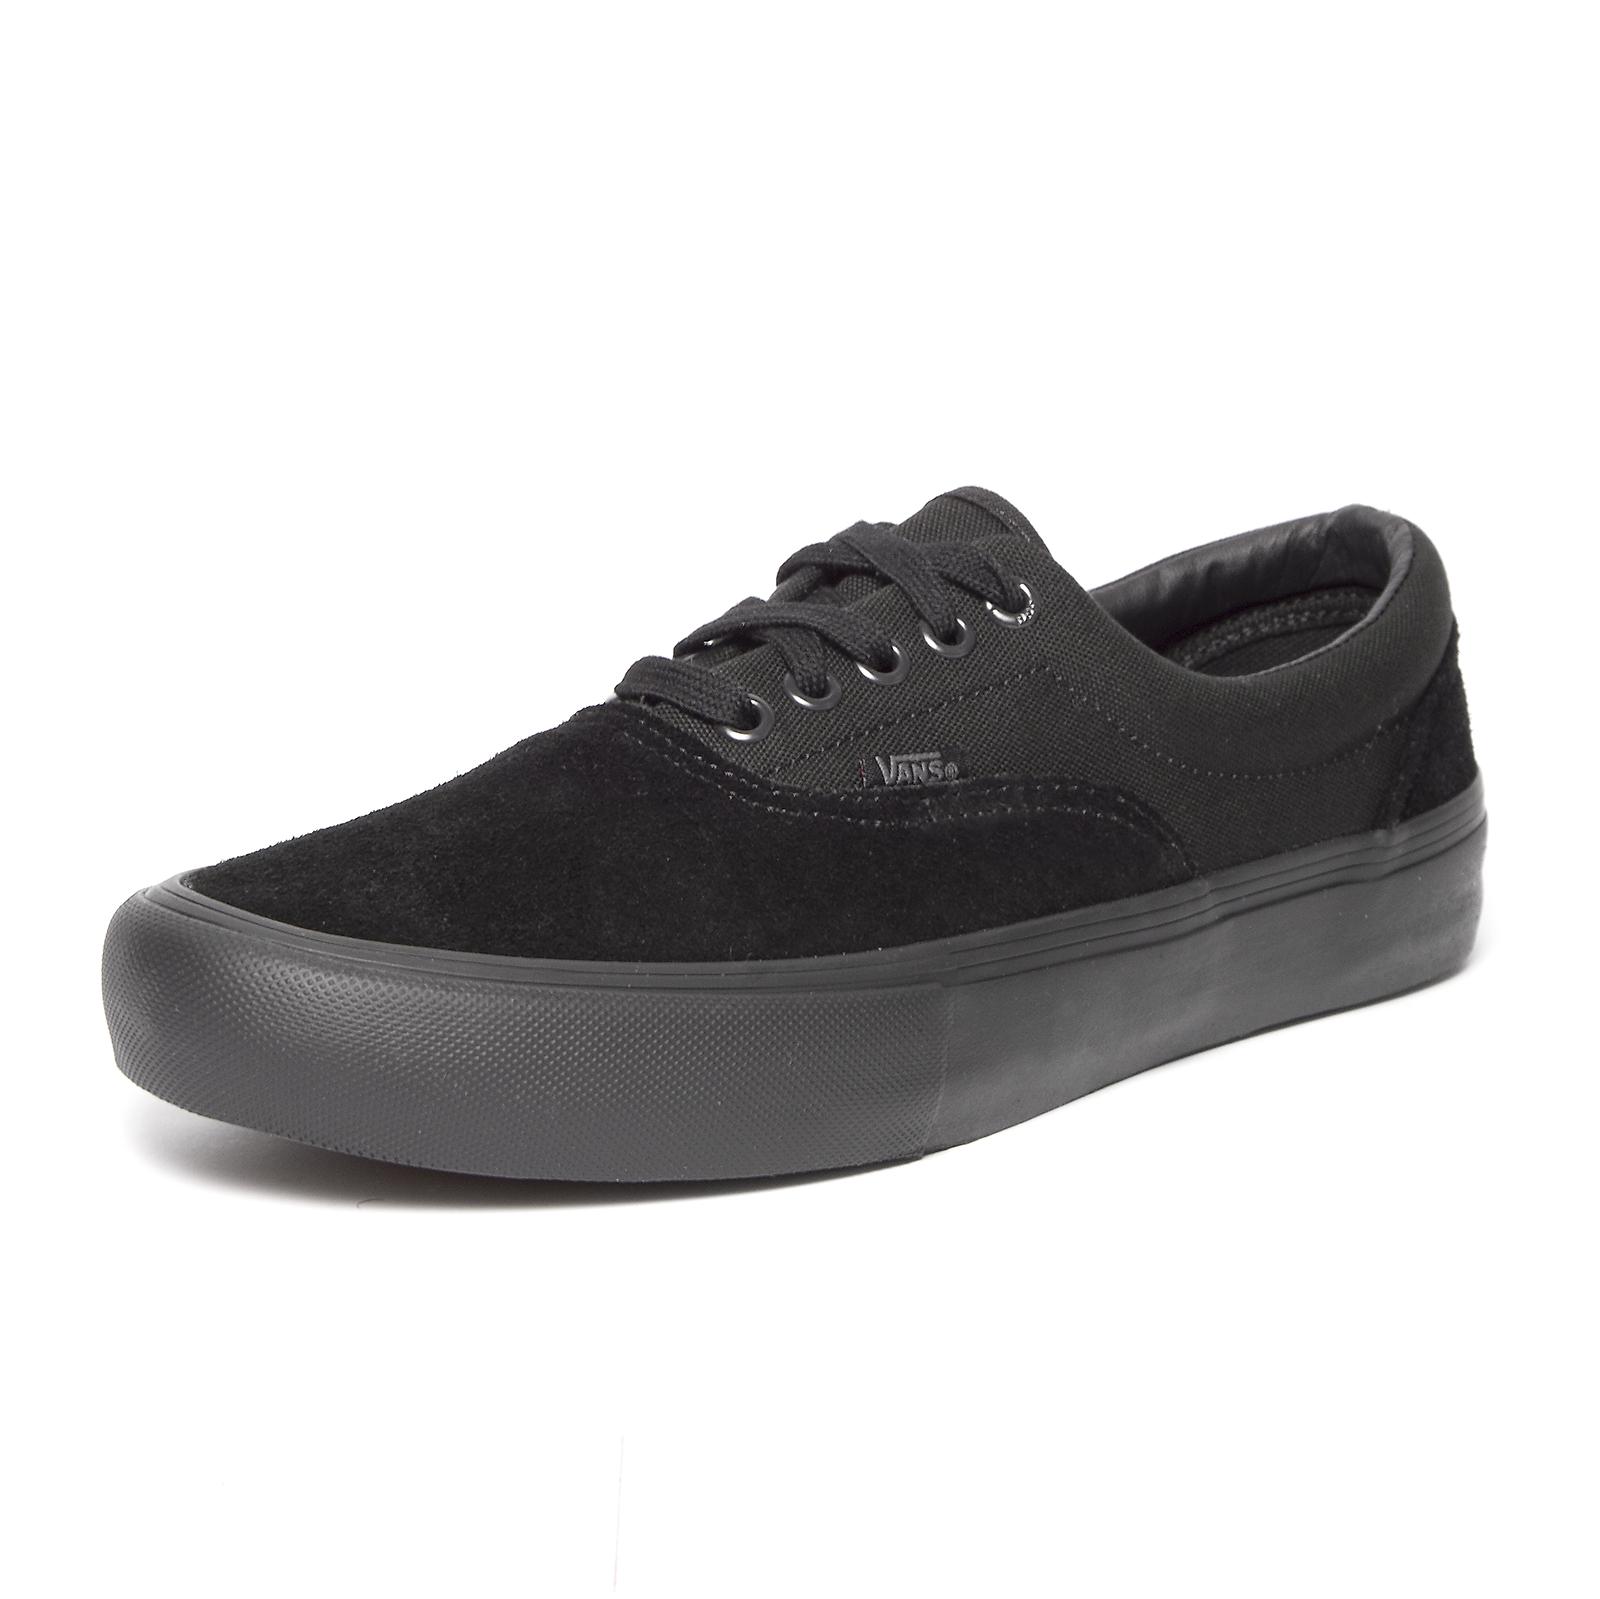 vans zapatillas hombre